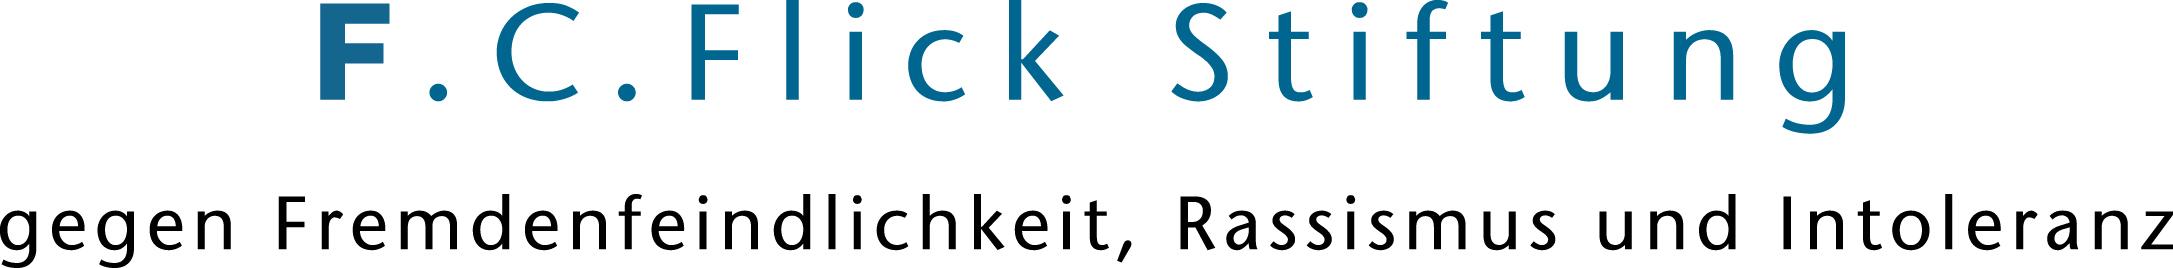 Logo der F.C. Flick Stiftung gegen Fremdenfeindlichkeit, Rassismus und Intoleranz